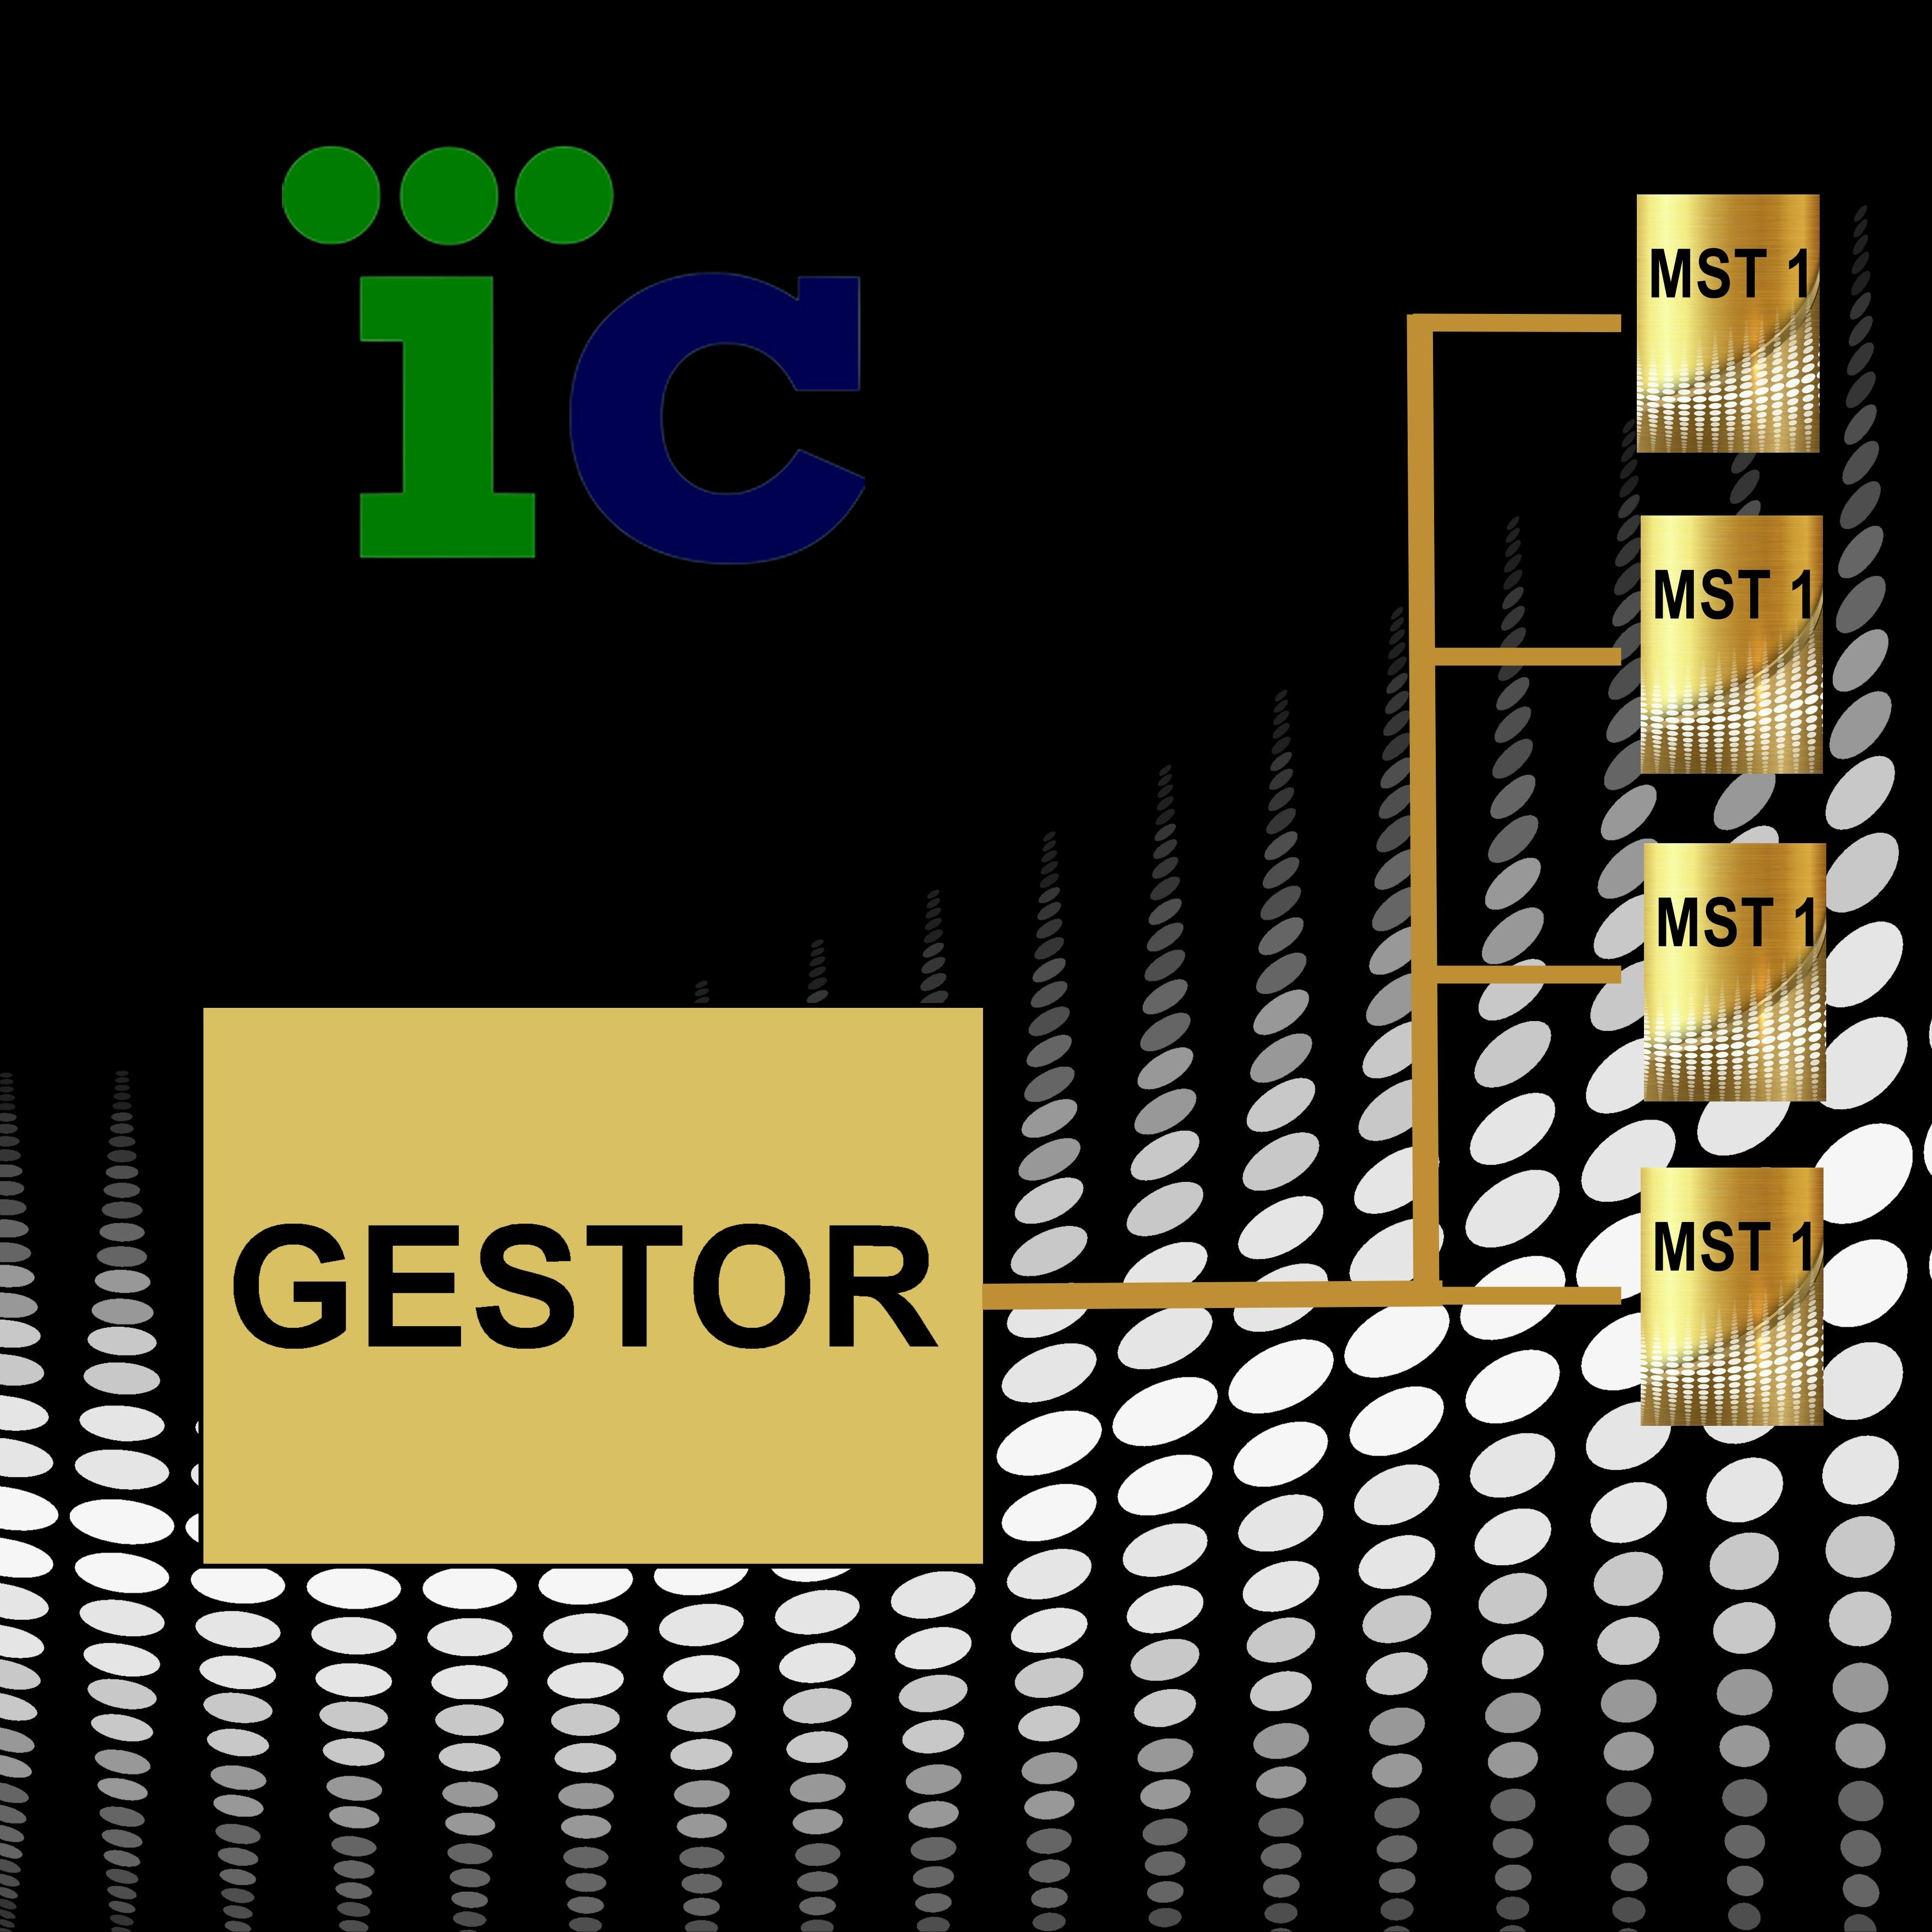 GESTORR2